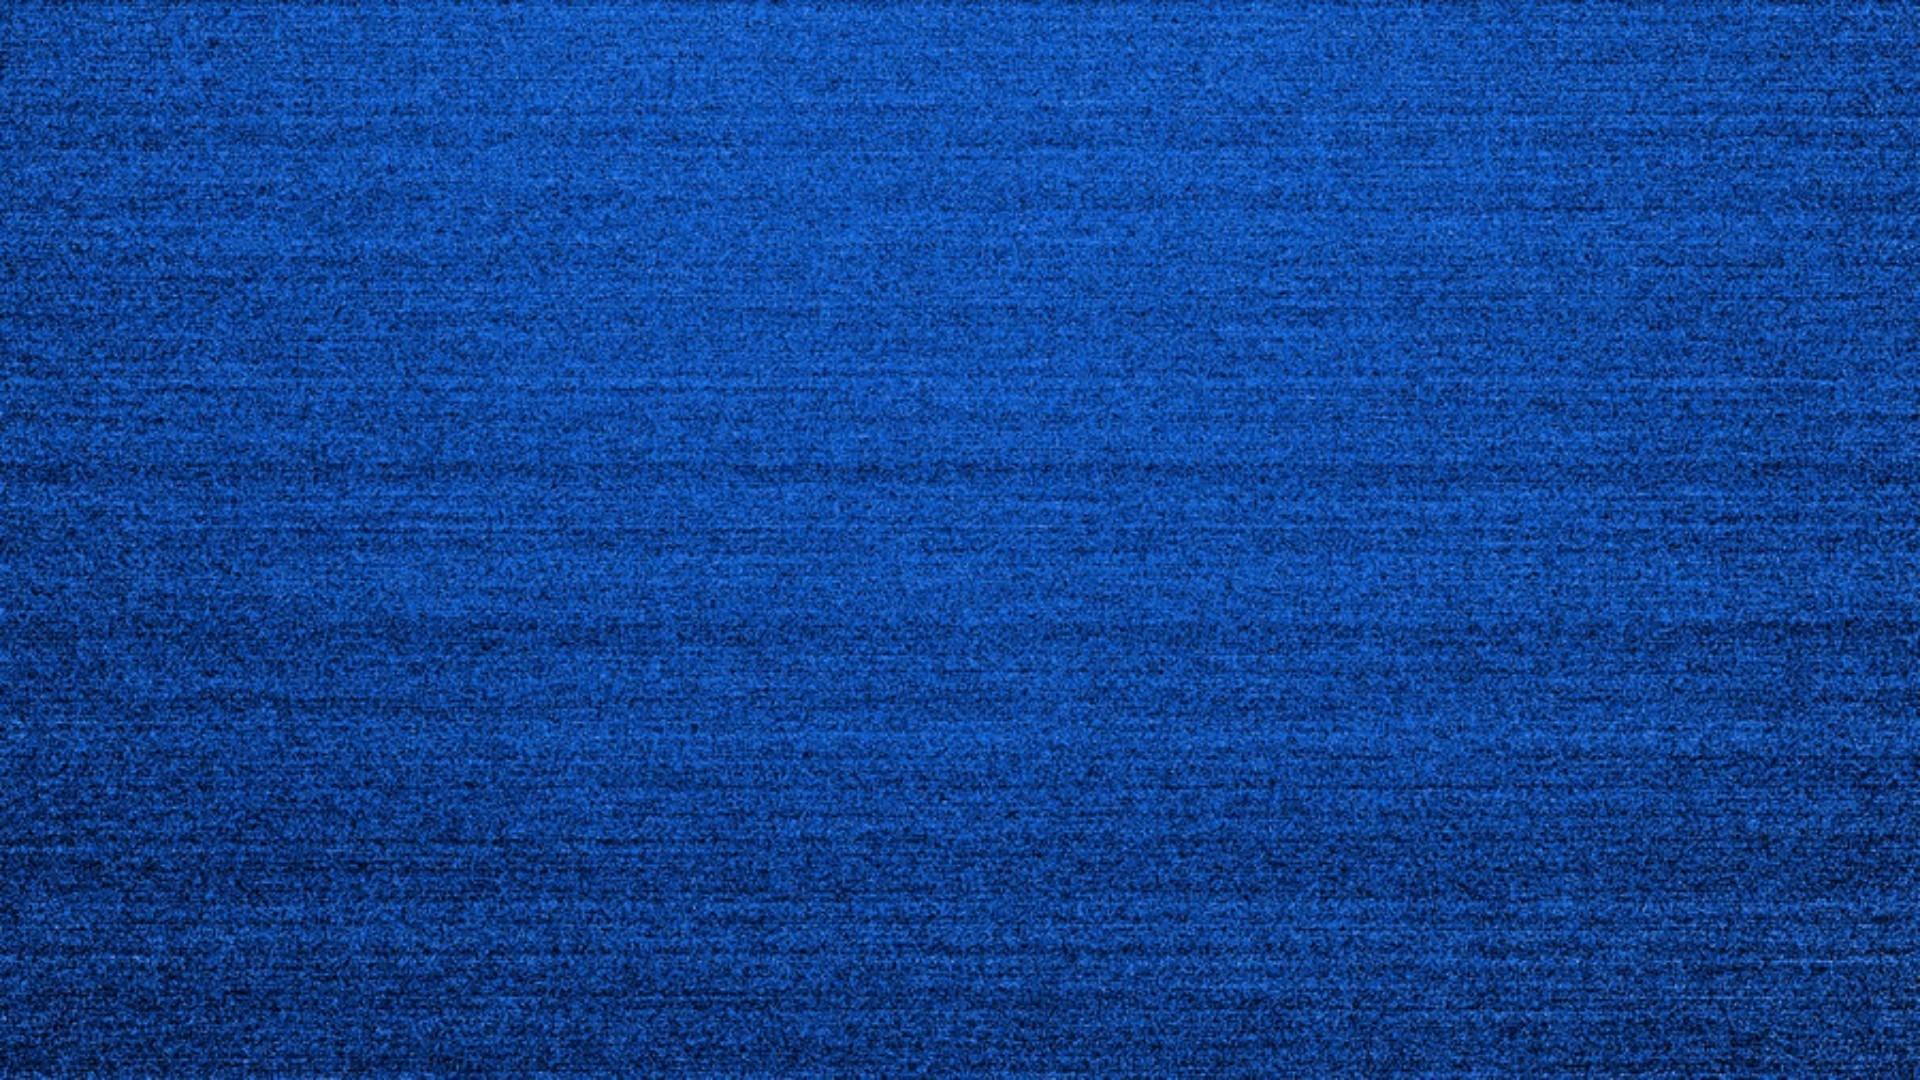 Dark Blue Background Images Wallpapertag: Dark Blue Background Wallpaper ·①